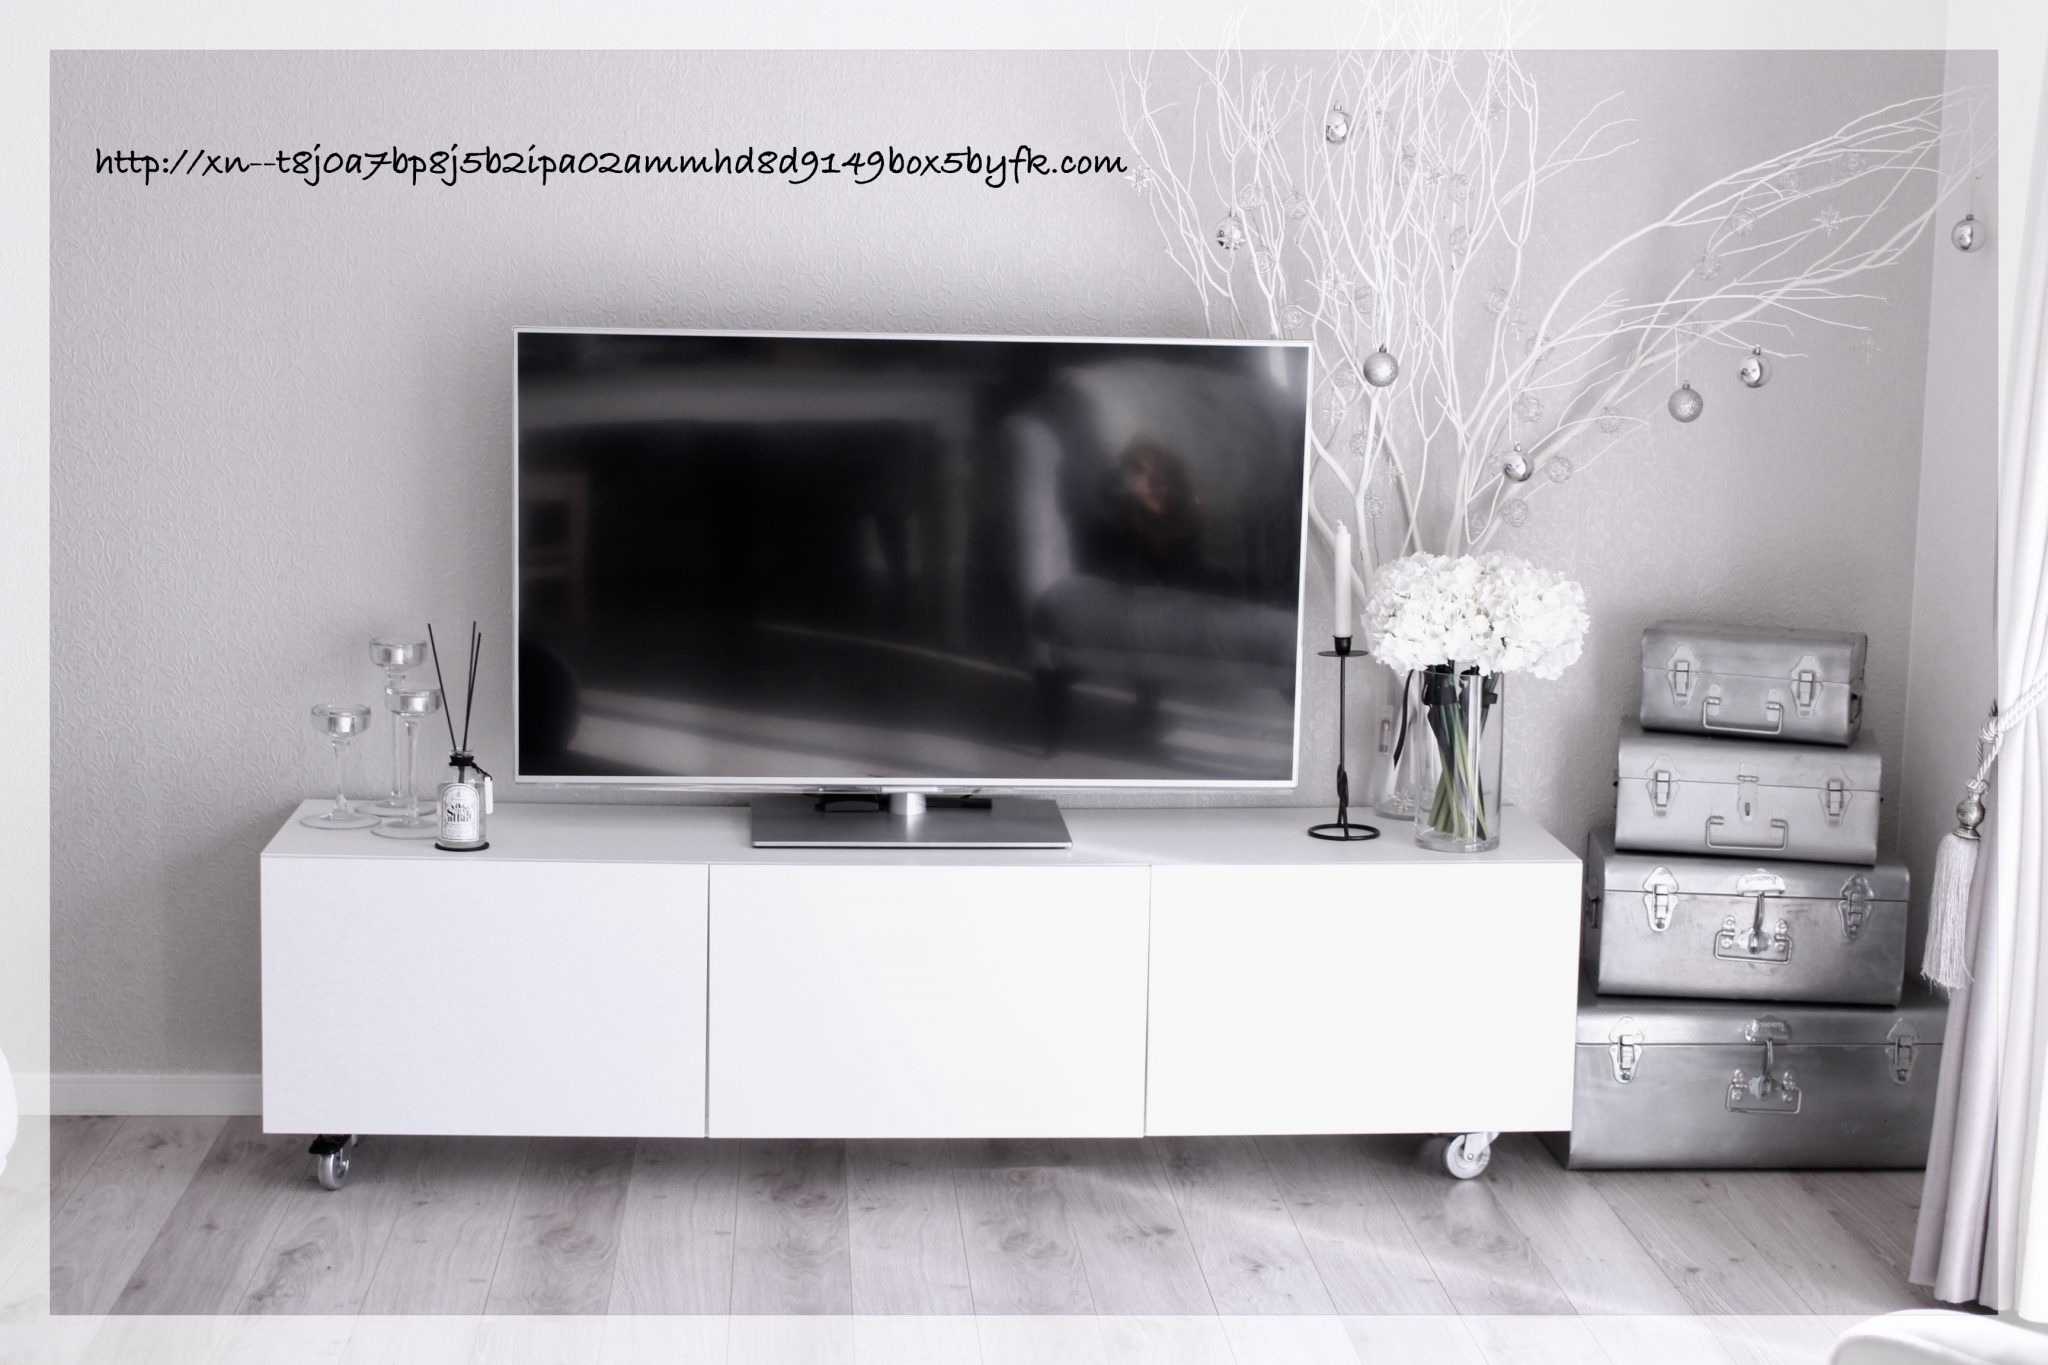 《収納》テレビ台の中をスッキリ&シンプル収納に改良*